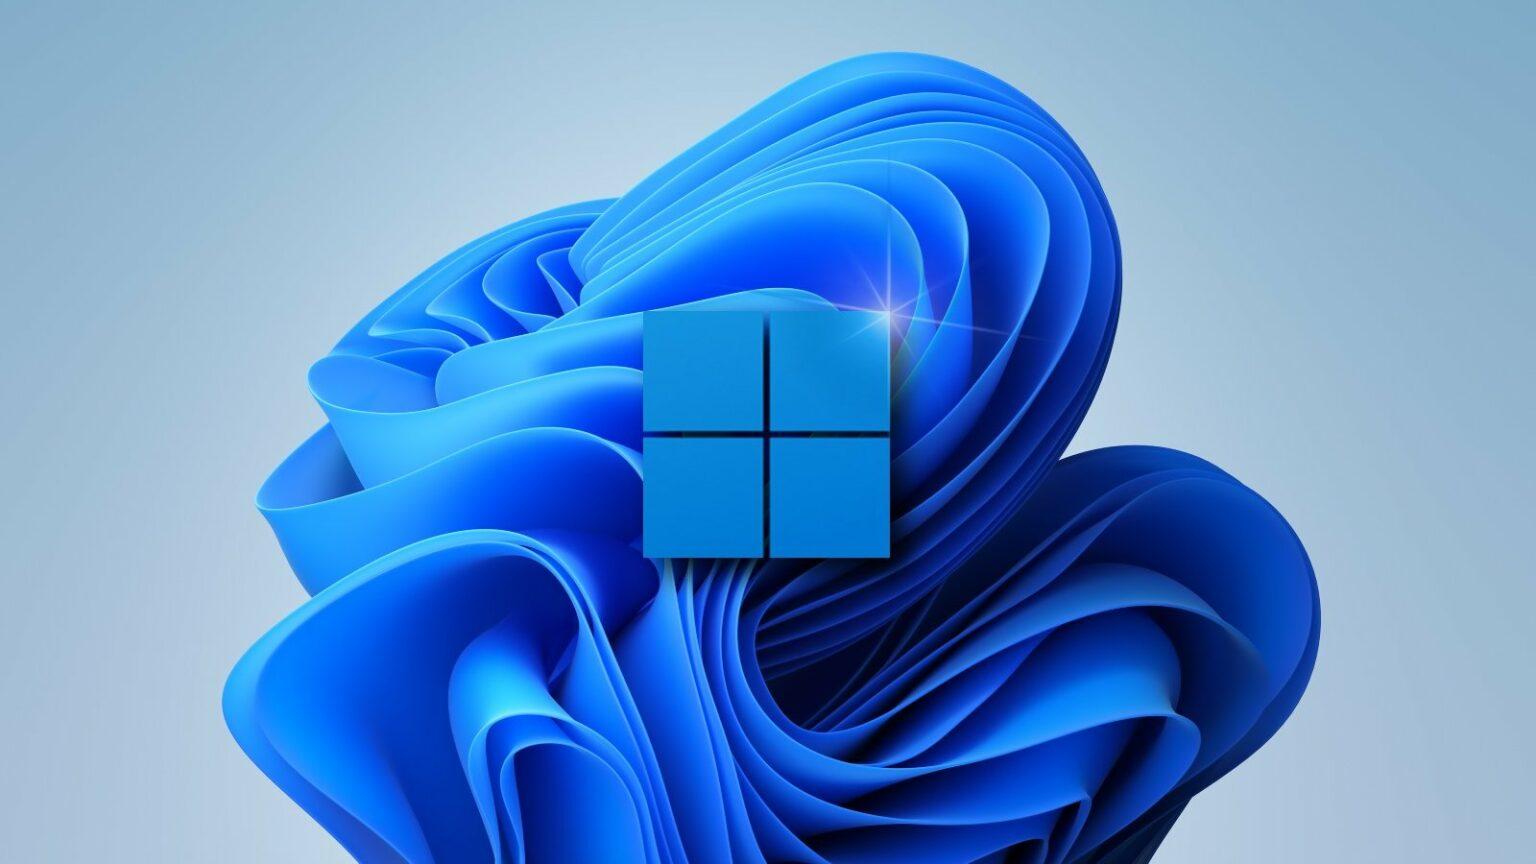 ویندوز ۱۱ از ویژگی بیدار شدن با لمس و مدیریت بهتر مانیتورها پشتیبانی میکند